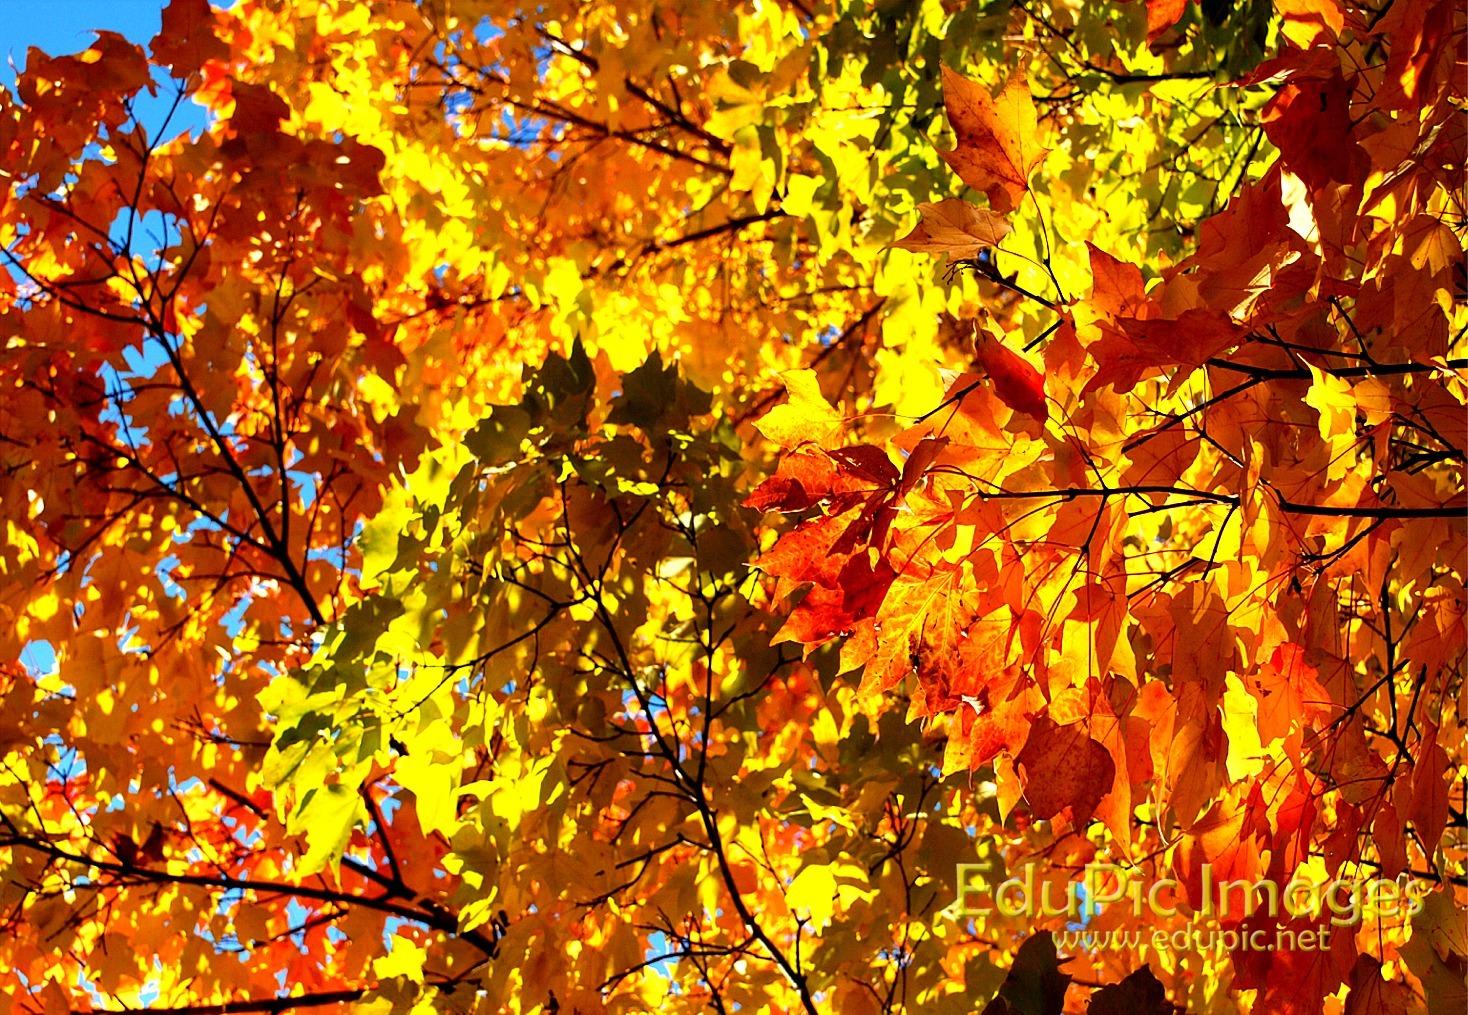 ... fall colors desktop 640 x 425 262 kb jpeg spots for fall colors 4000